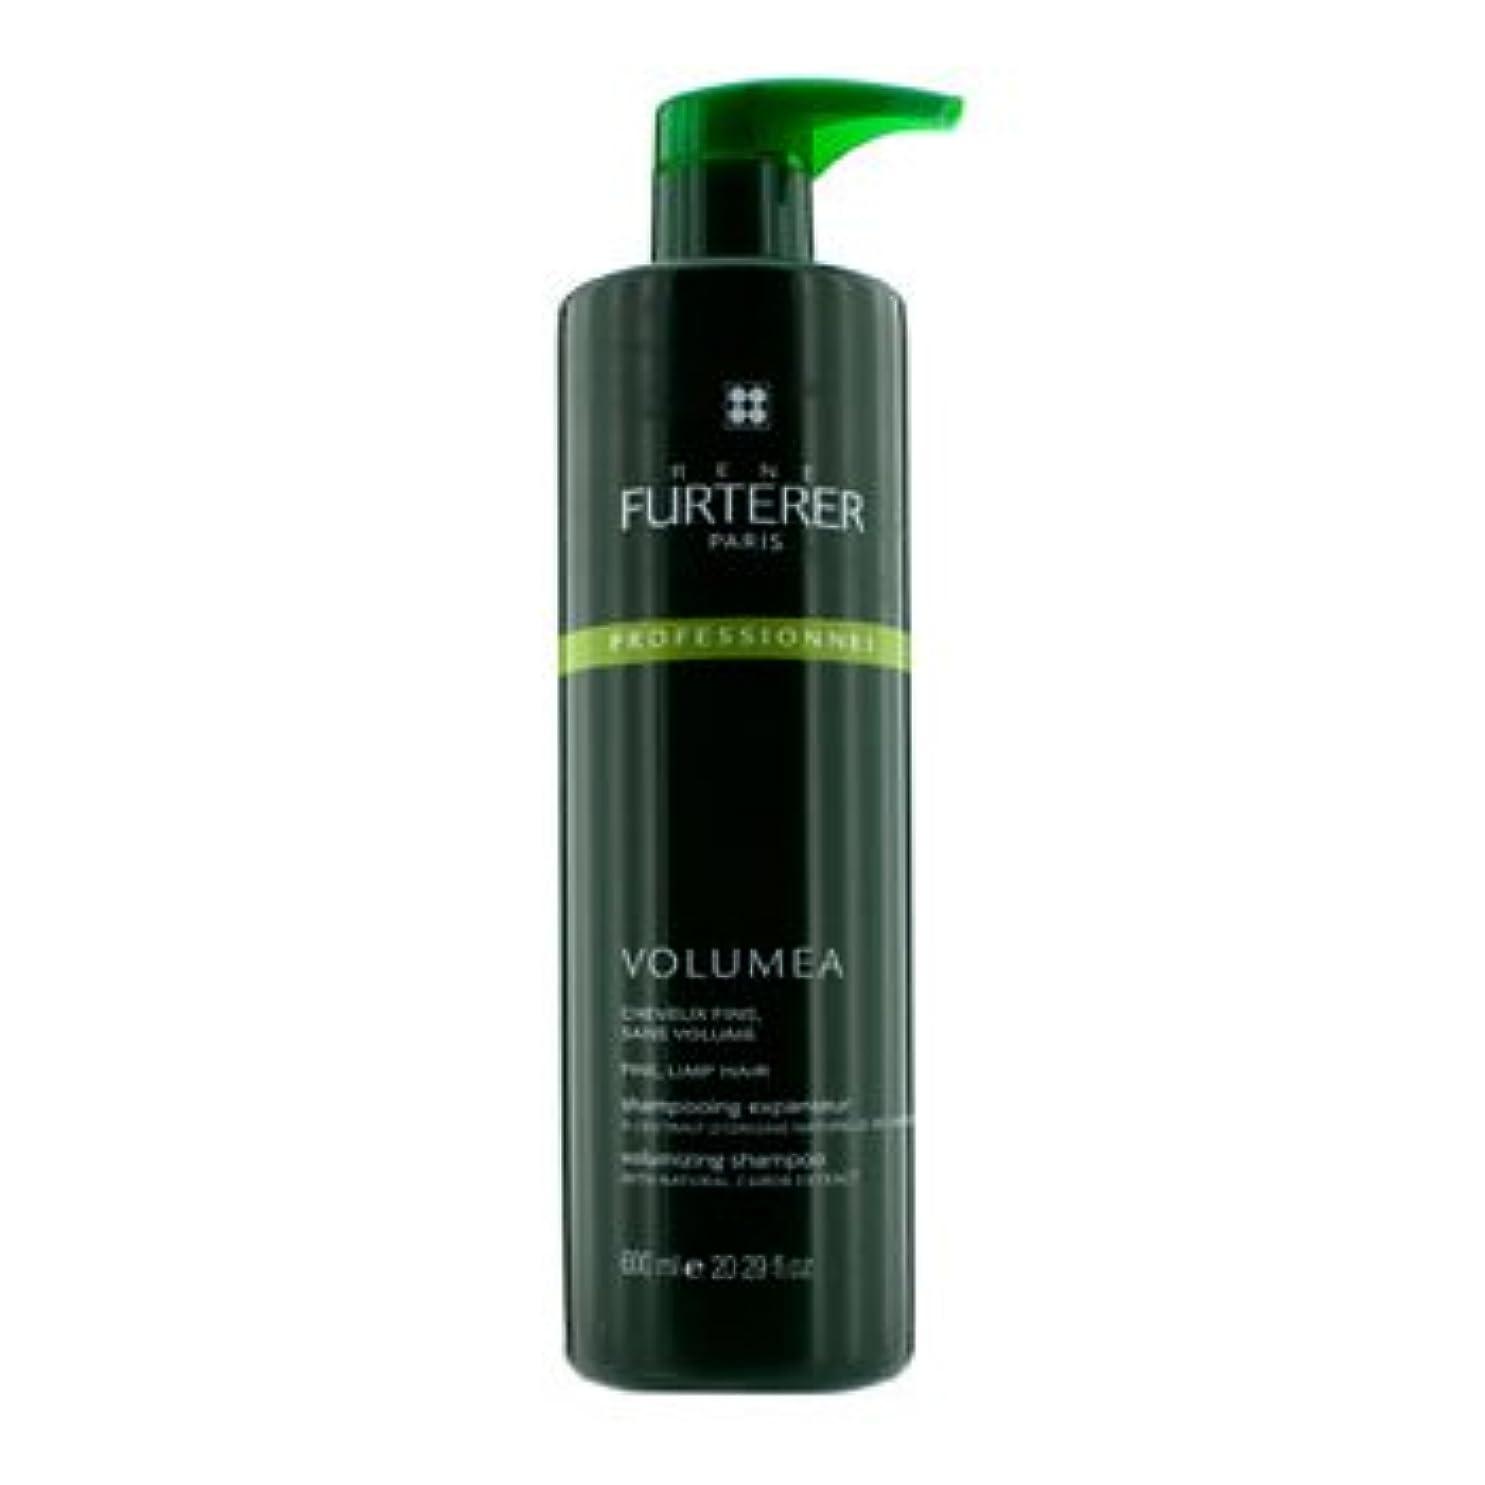 機知に富んだ病気のリスナー[Rene Furterer] Volumea Volumizing Shampoo (For Fine and Limp Hair) 600ml/20.29oz